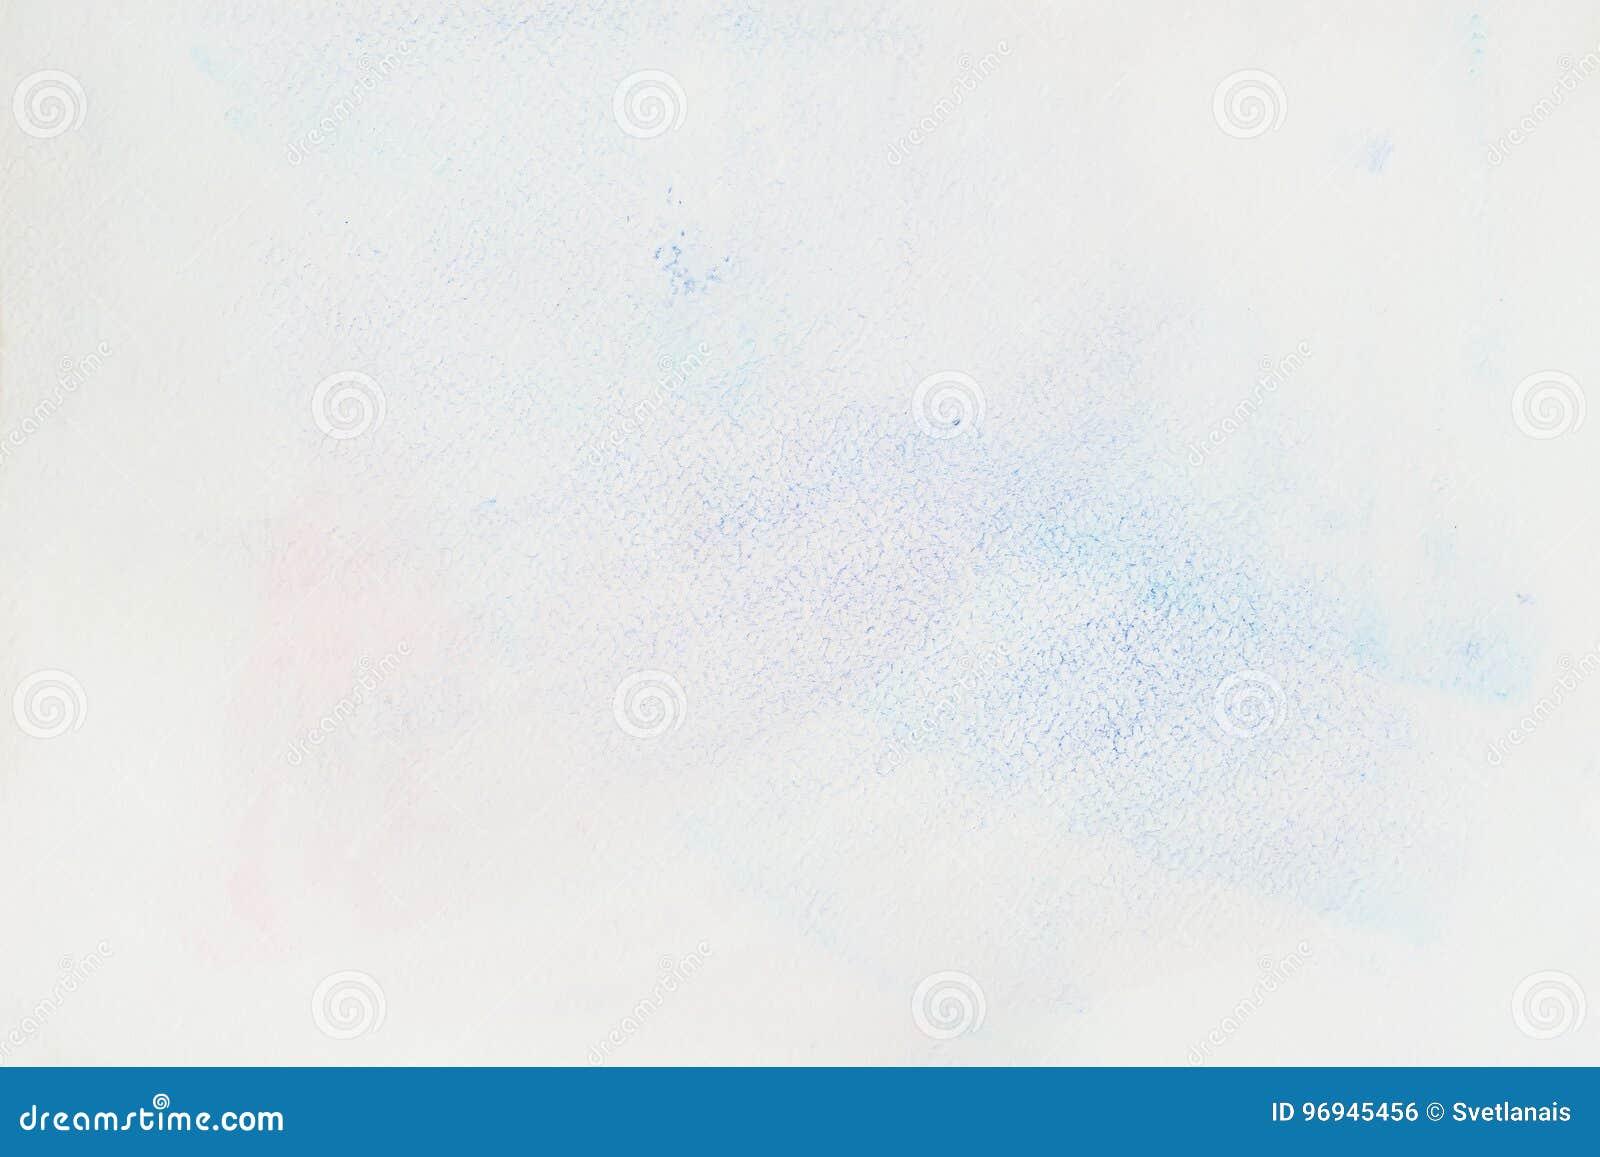 Очень мягко нарисованное вручную нежное голубое пятно акварели на белизне бумаги вод-цвета, бумажной текстуре зерна Абстрактное и